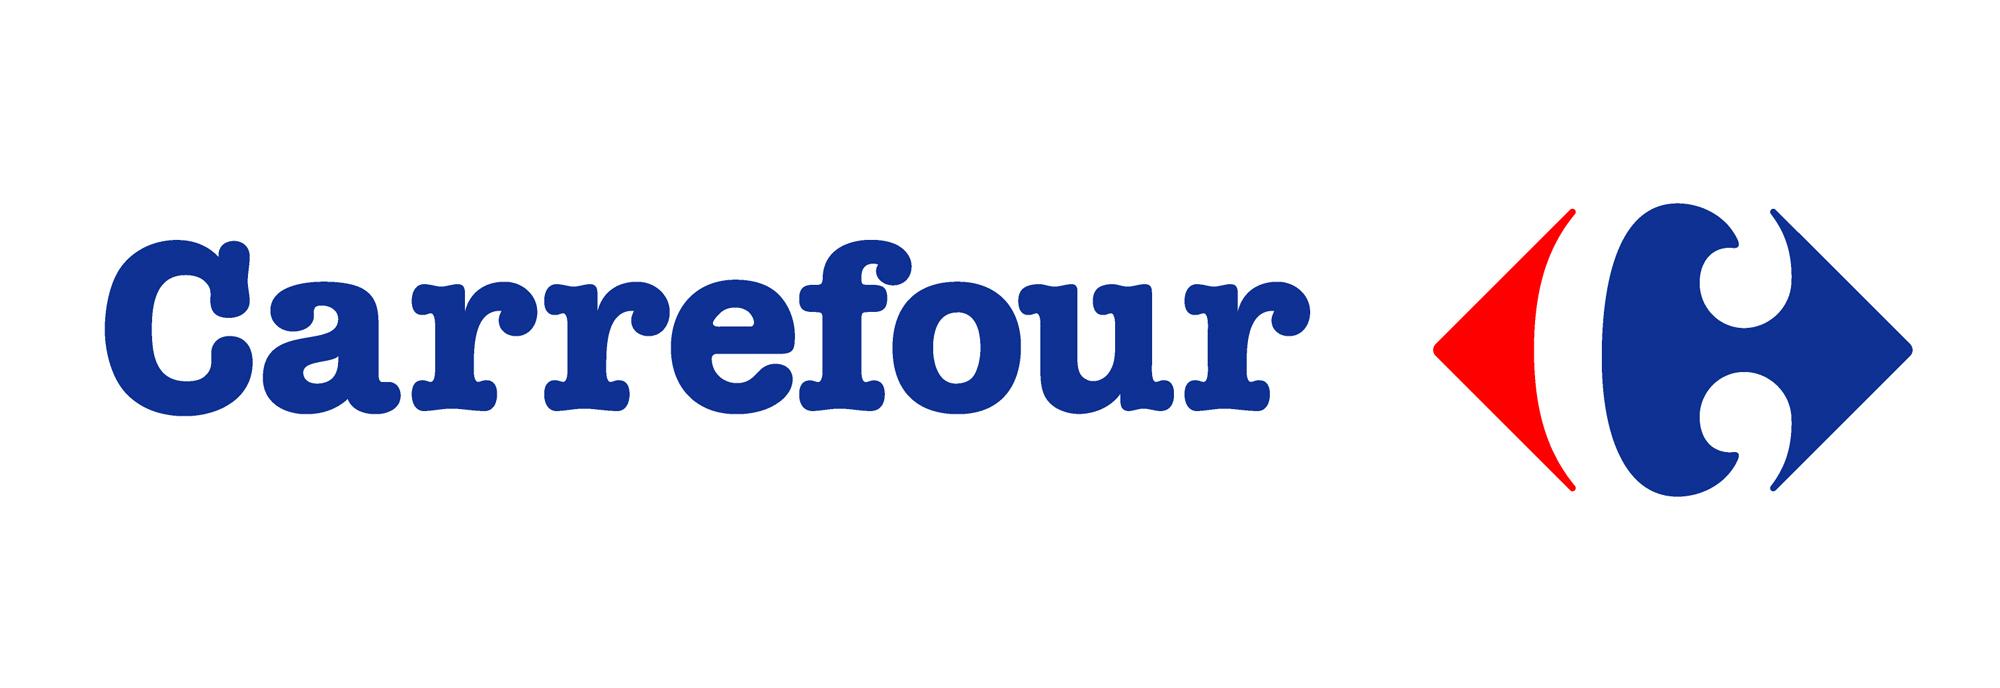 CarrefourSa Müşteri Hizmetleri İletişim Telefon Numarası